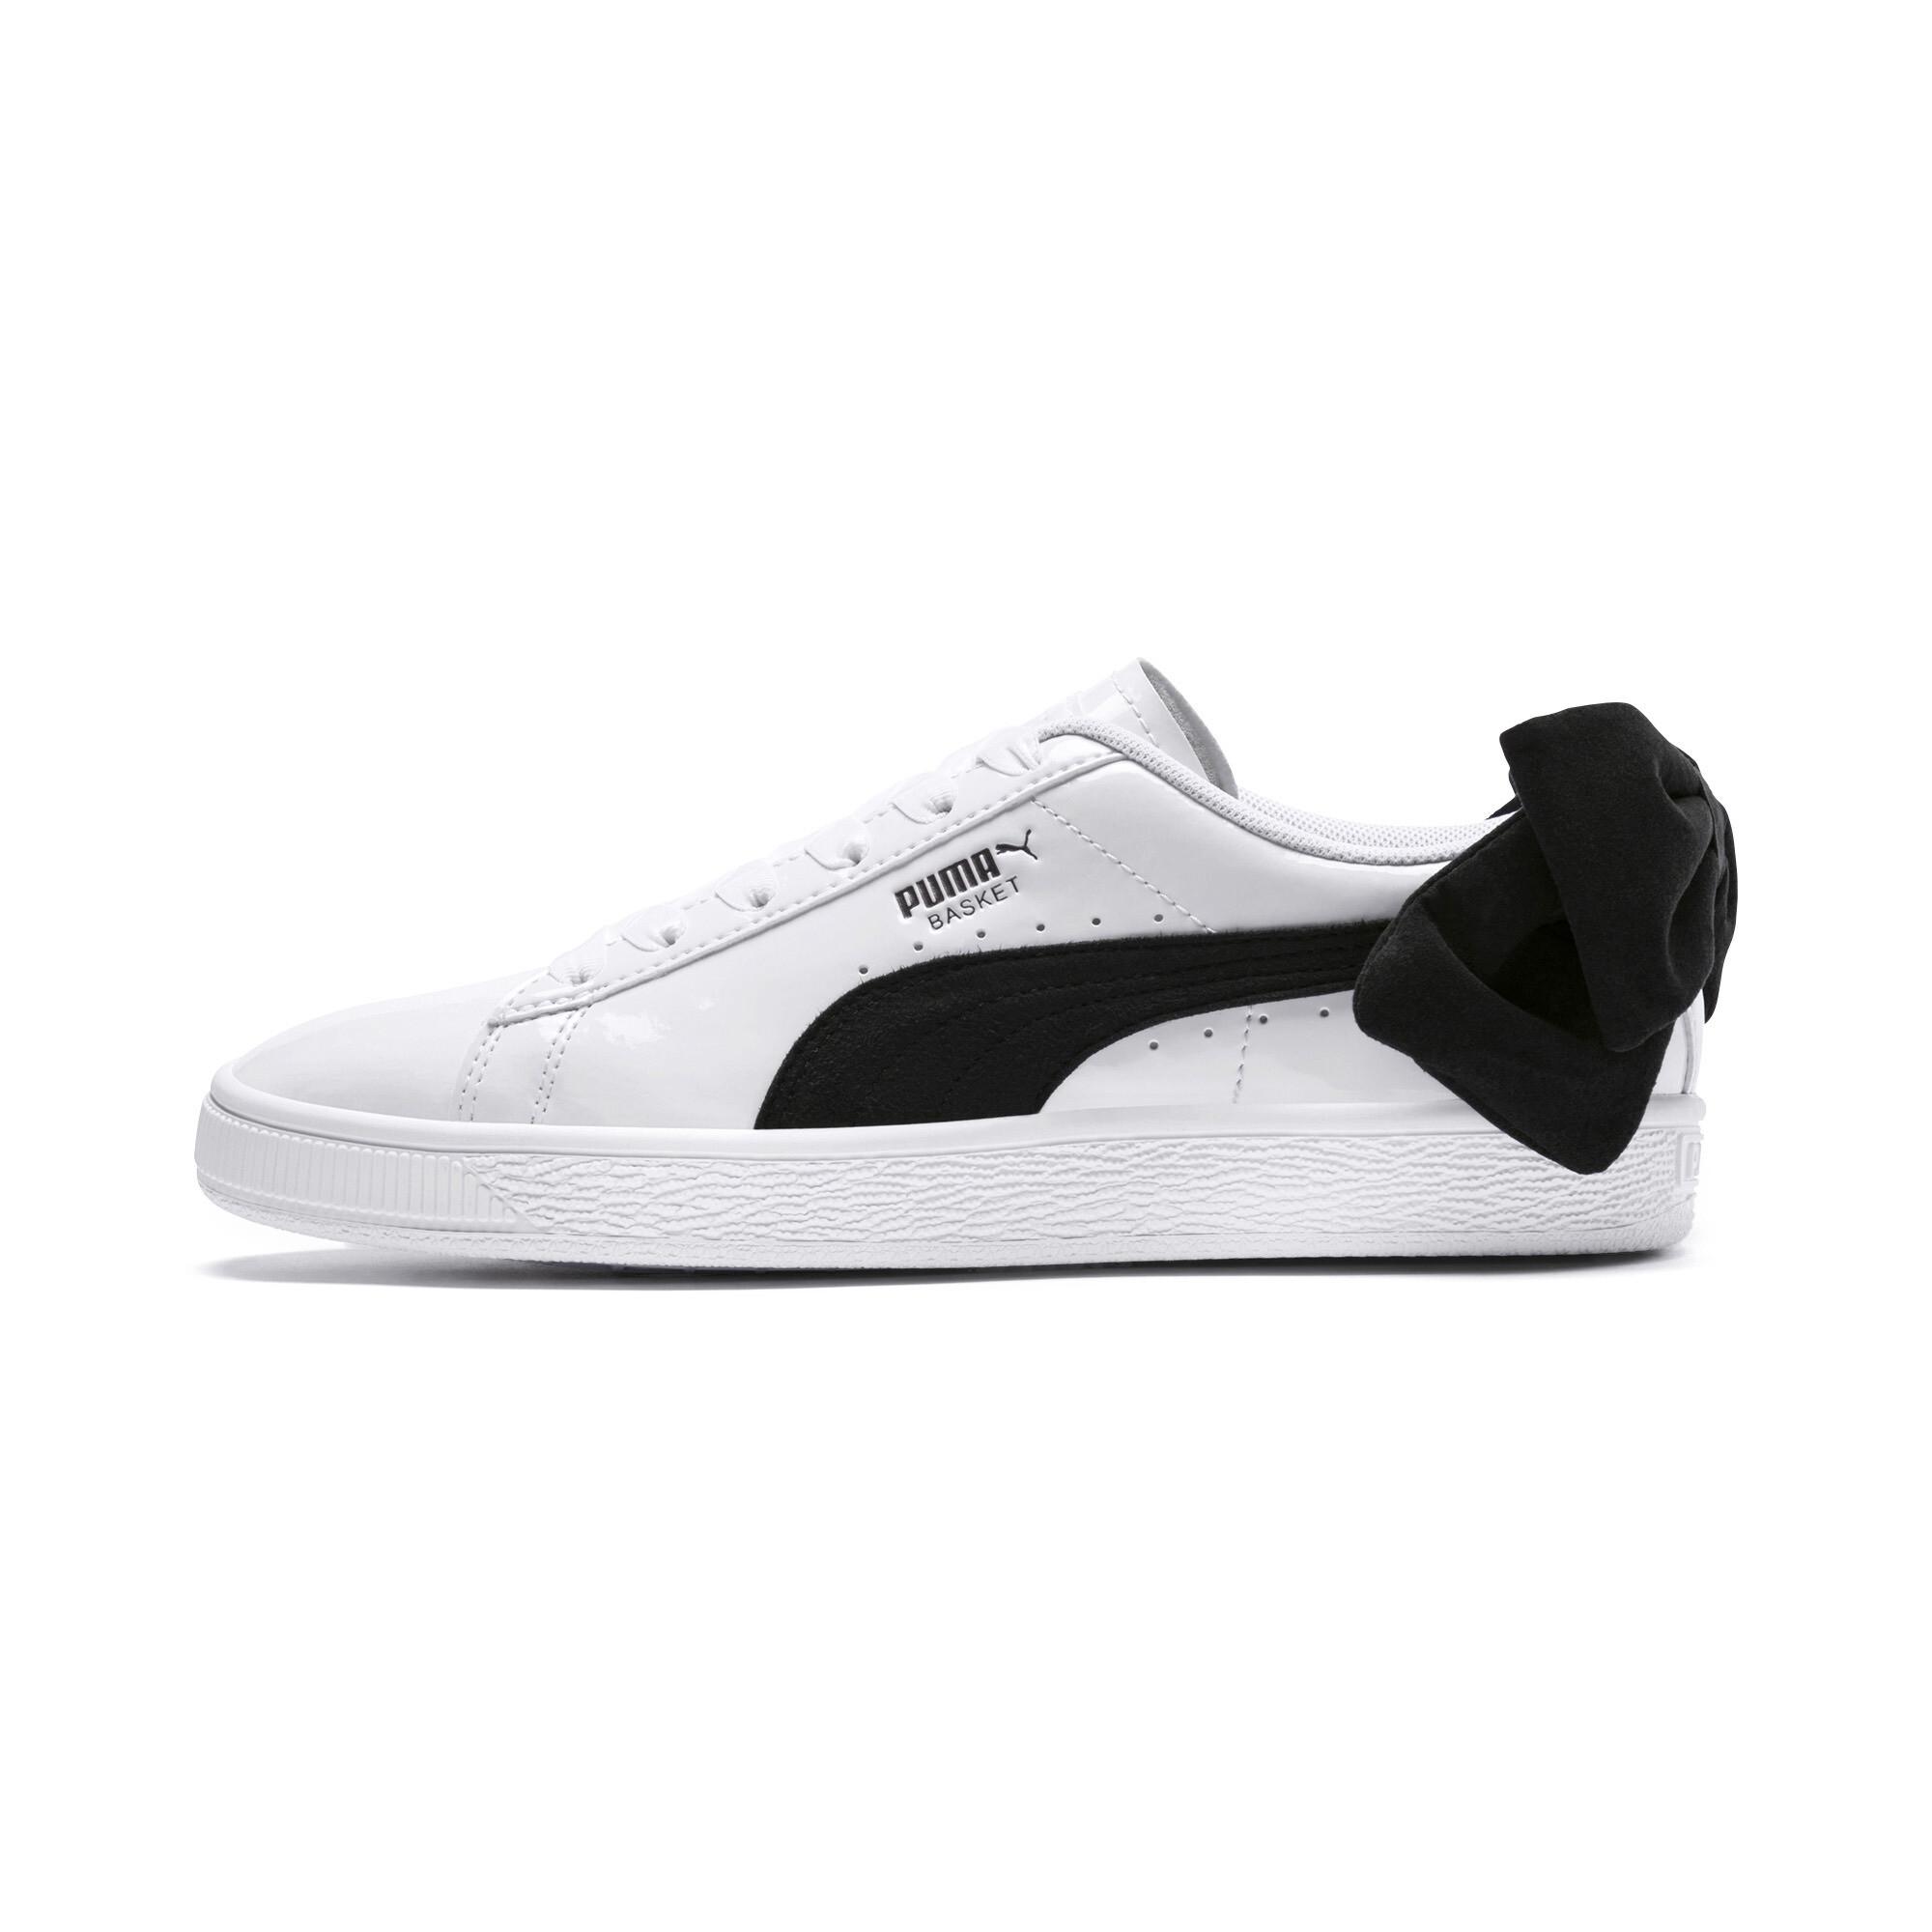 online retailer 85946 d6dbe Details about PUMA Basket Suede Bow Women's Sneakers Women Shoe Sport  Classics